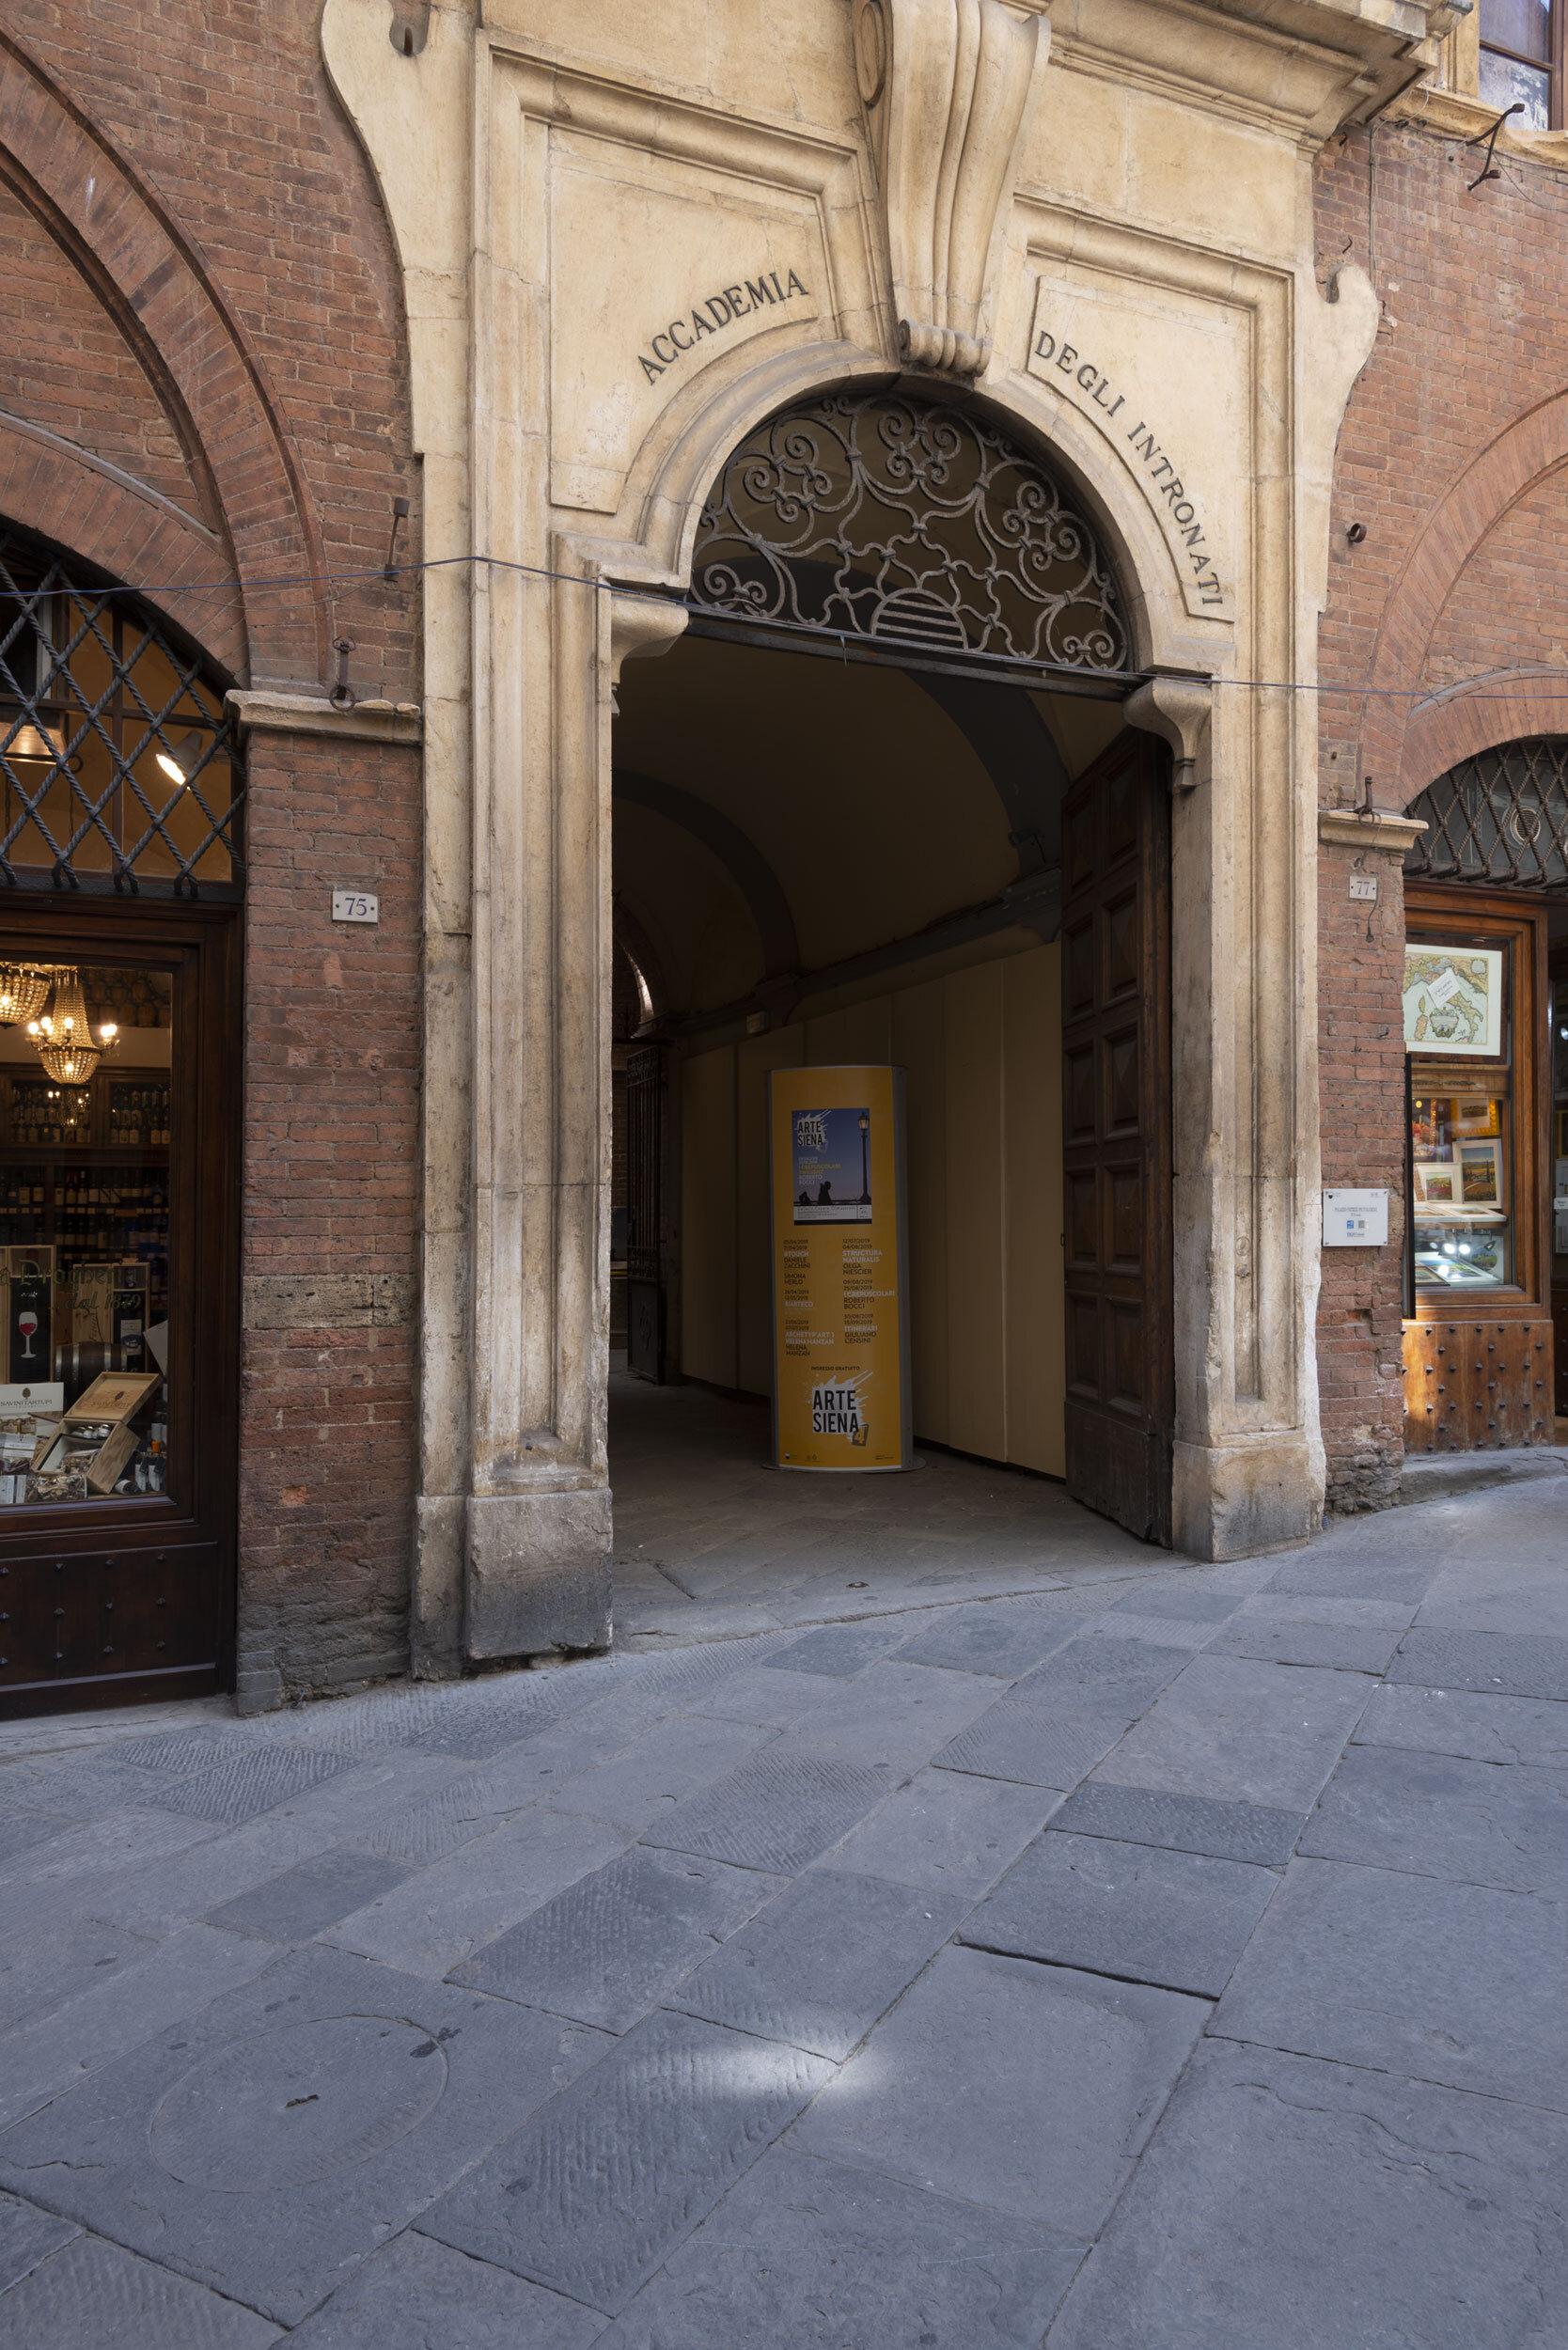 Entrance to the Accademia degli Intronati